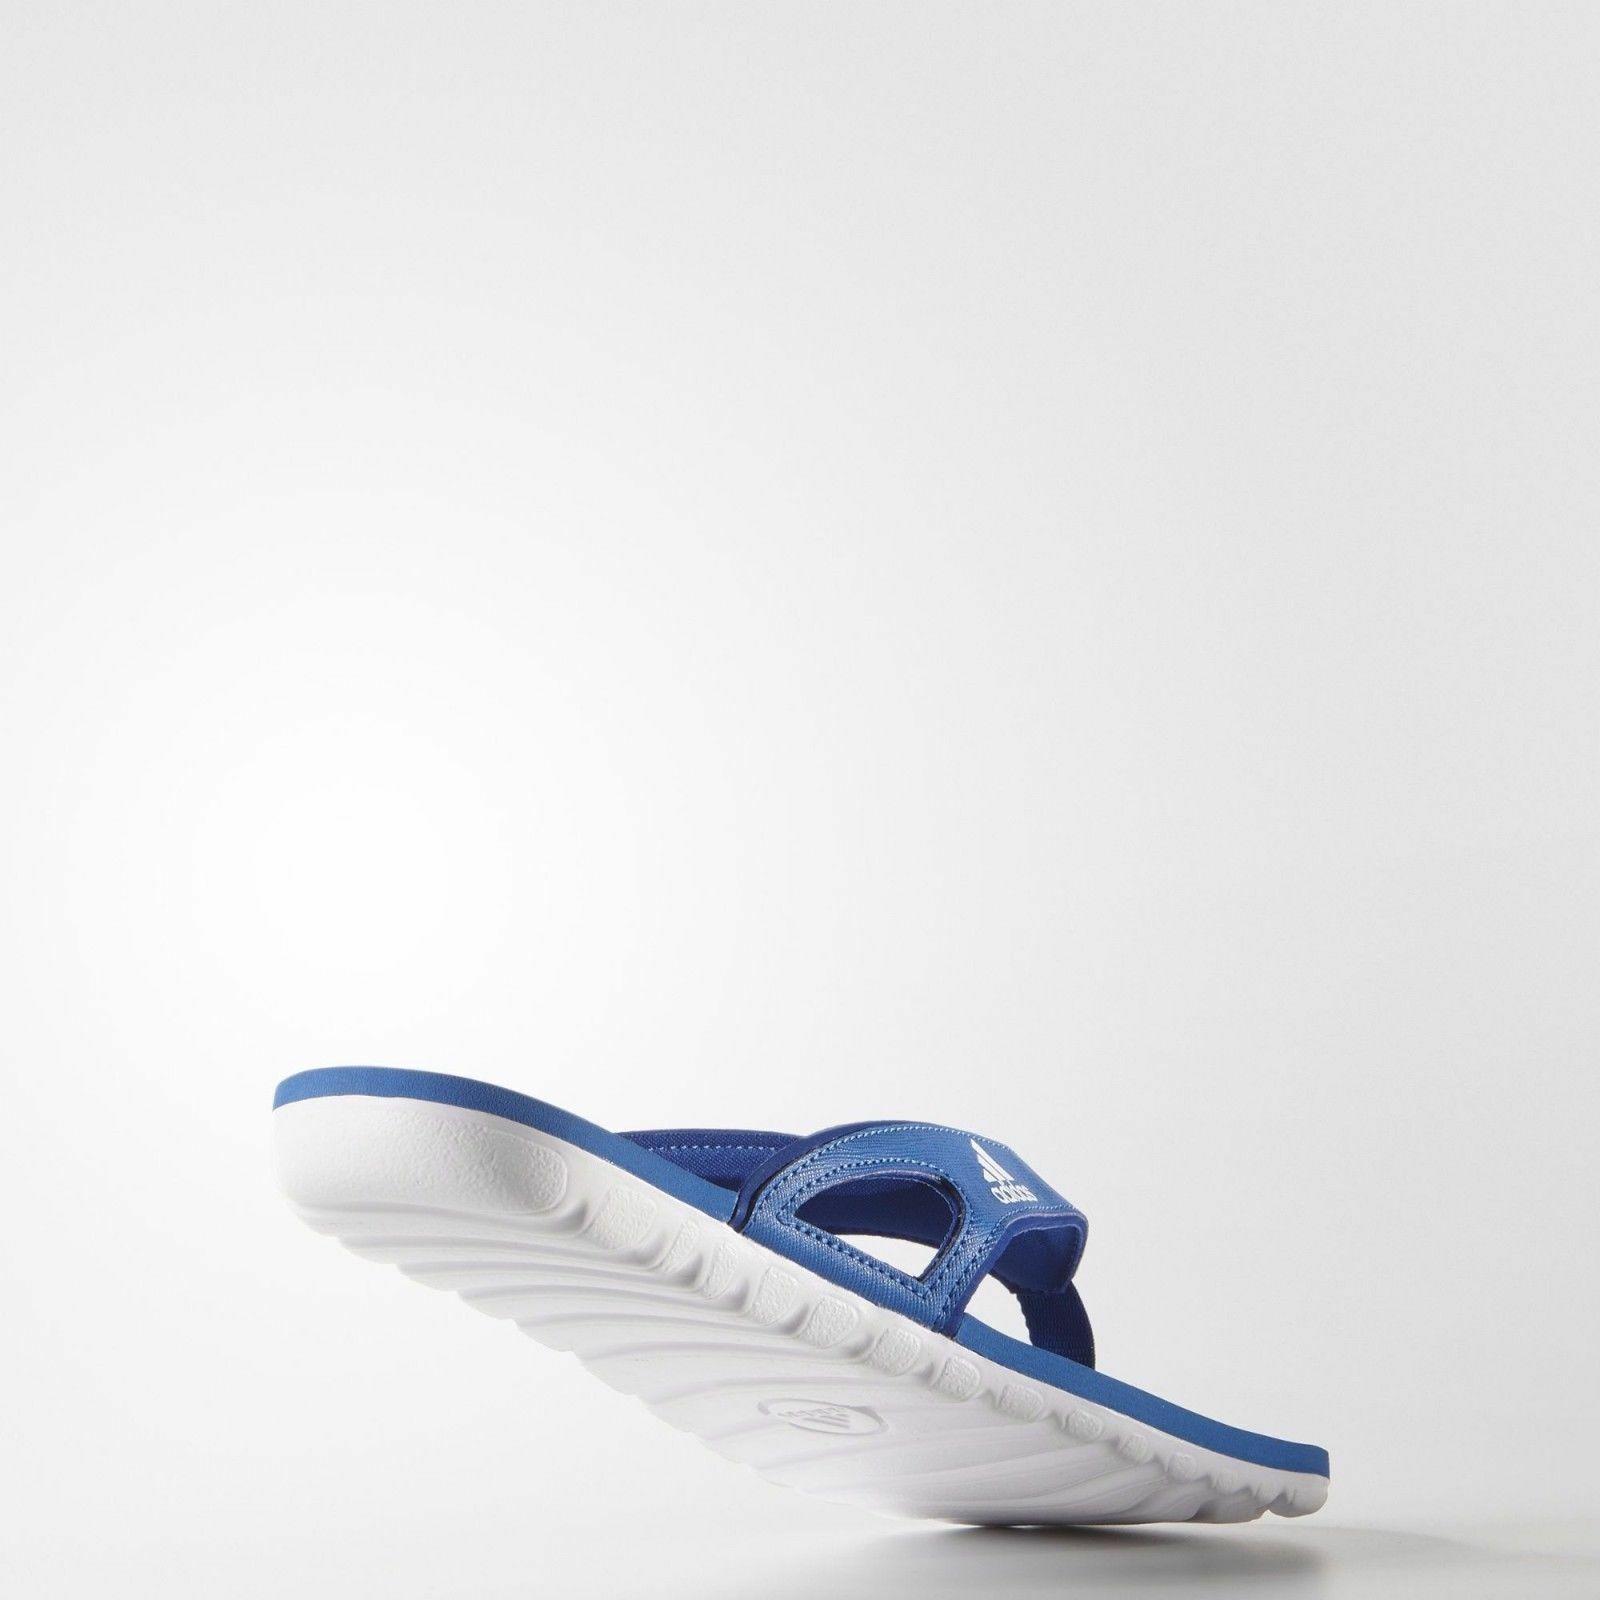 adidas Mens Calo 5 Flip Flops Sandals Pool Beach Shoes Slides image 7